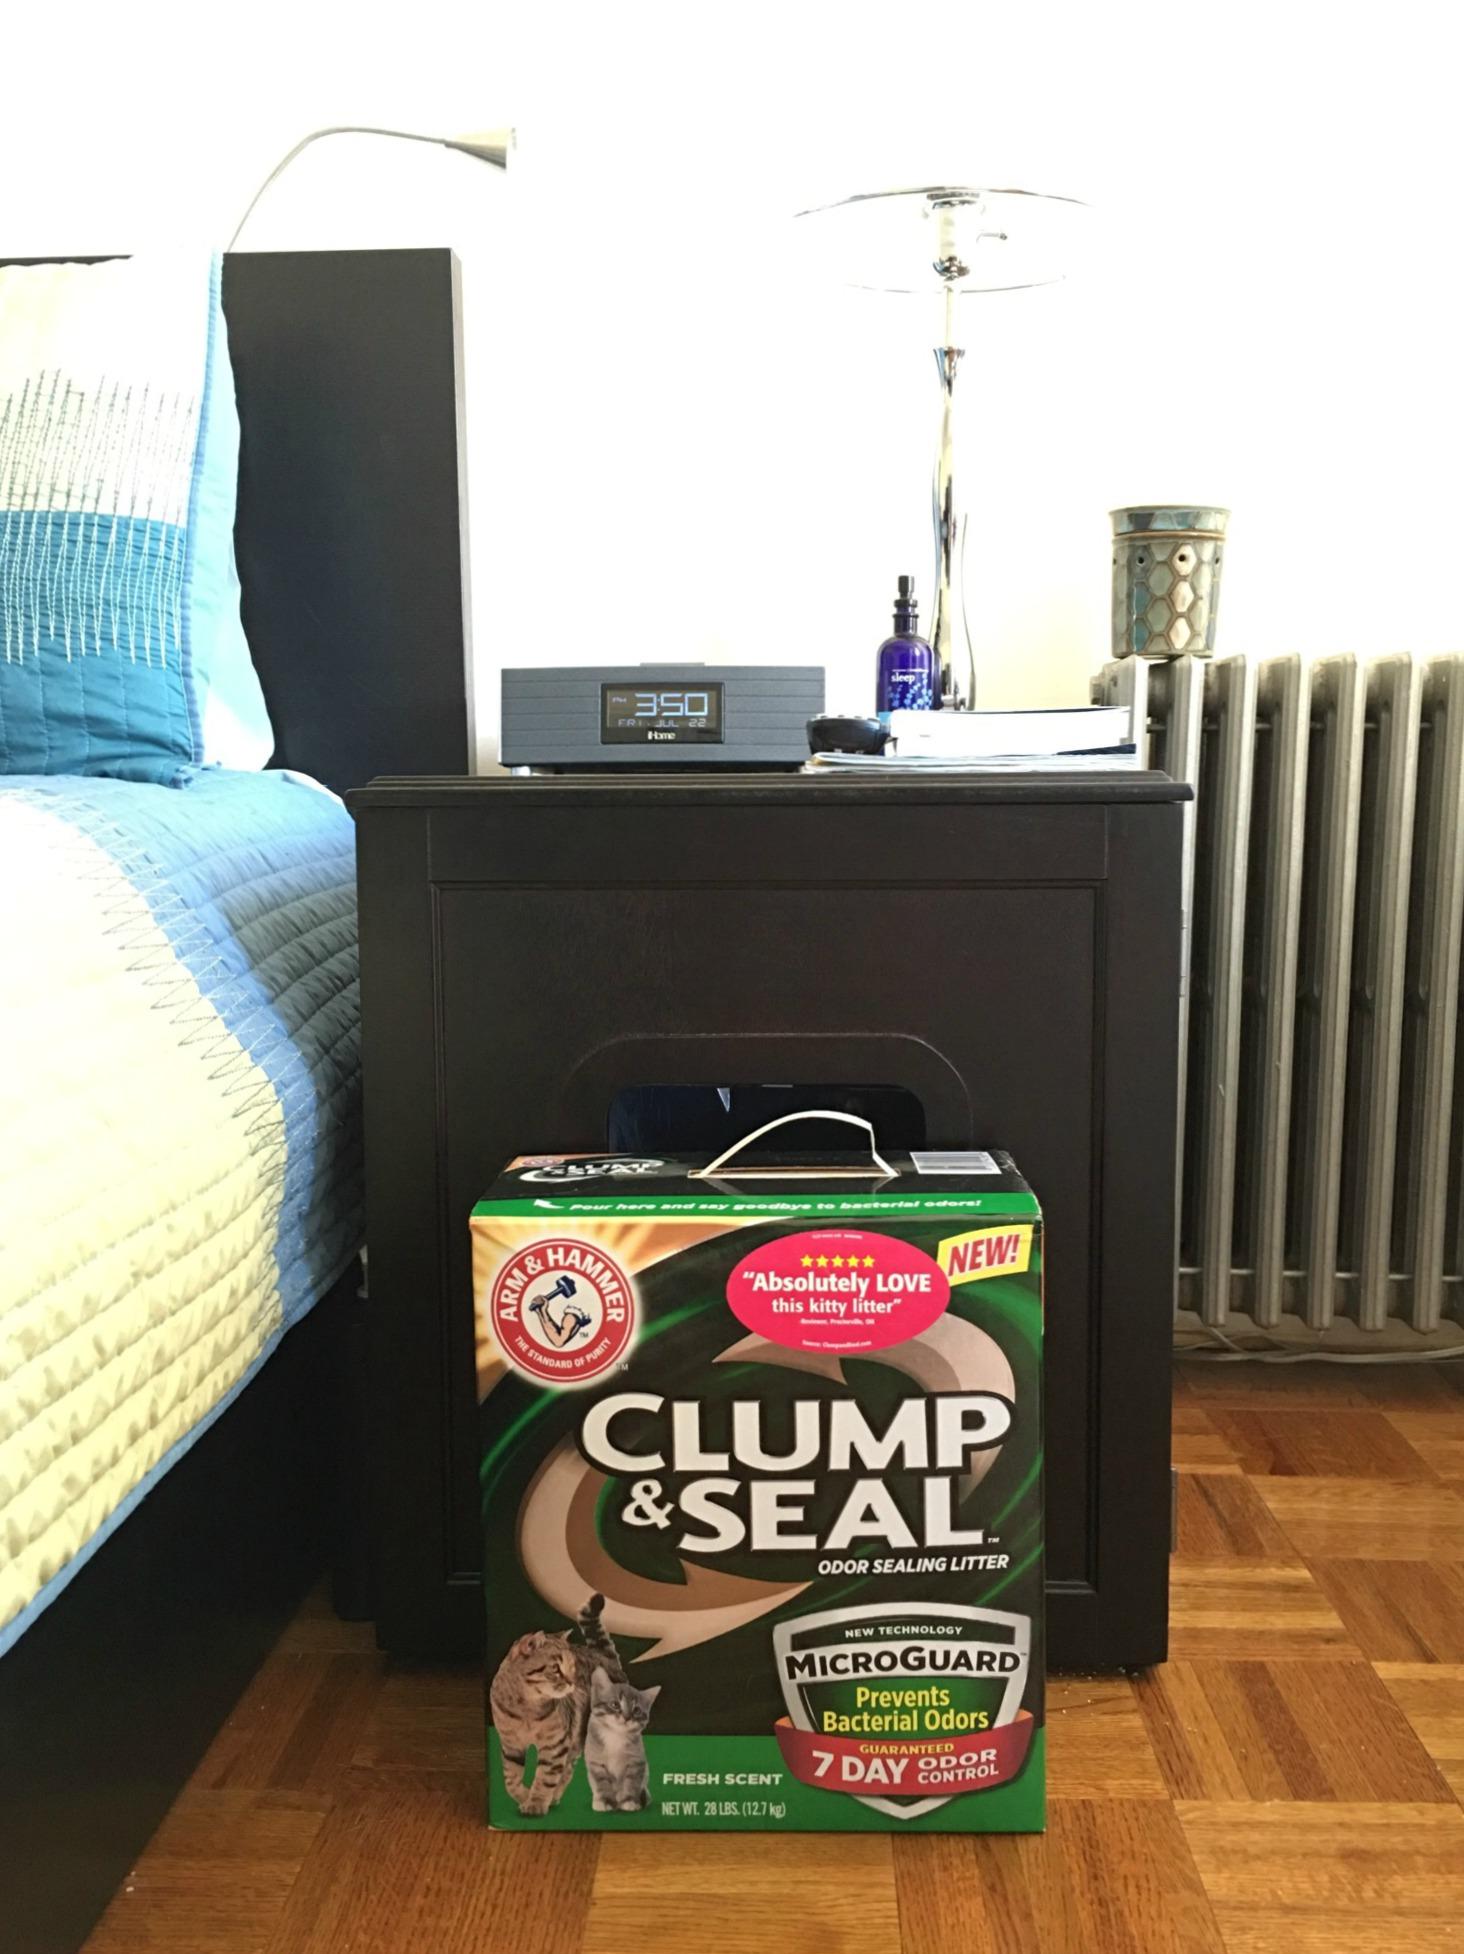 Arm & Hammer Clump & Seal Odor Sealing Litter